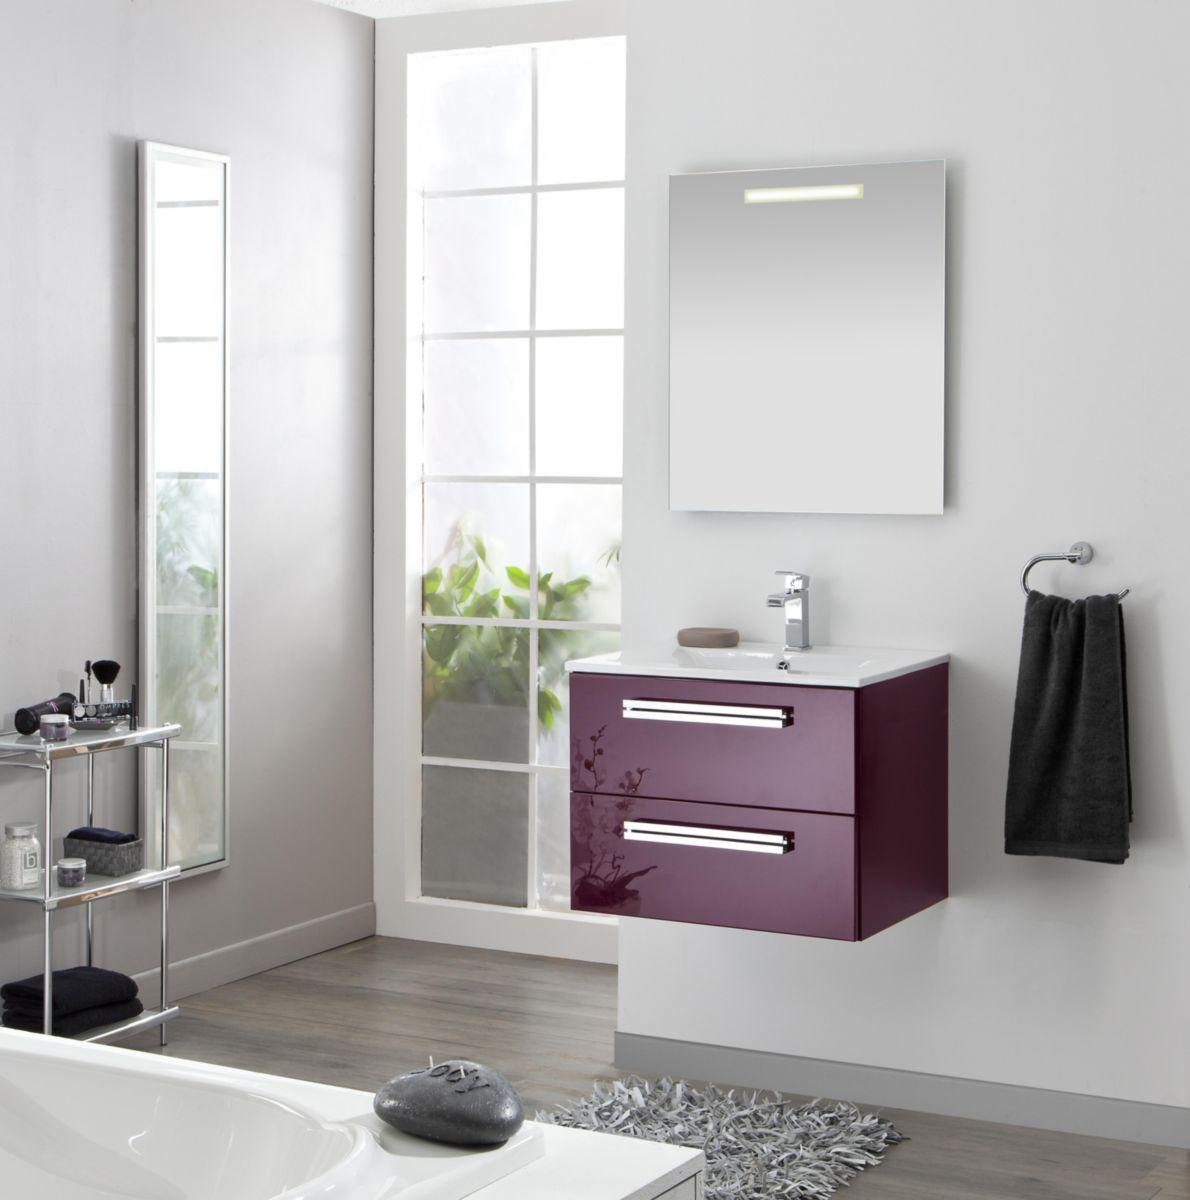 planche pour lavabo salle de bain awesome planche pour lavabo salle de bain with planche pour. Black Bedroom Furniture Sets. Home Design Ideas